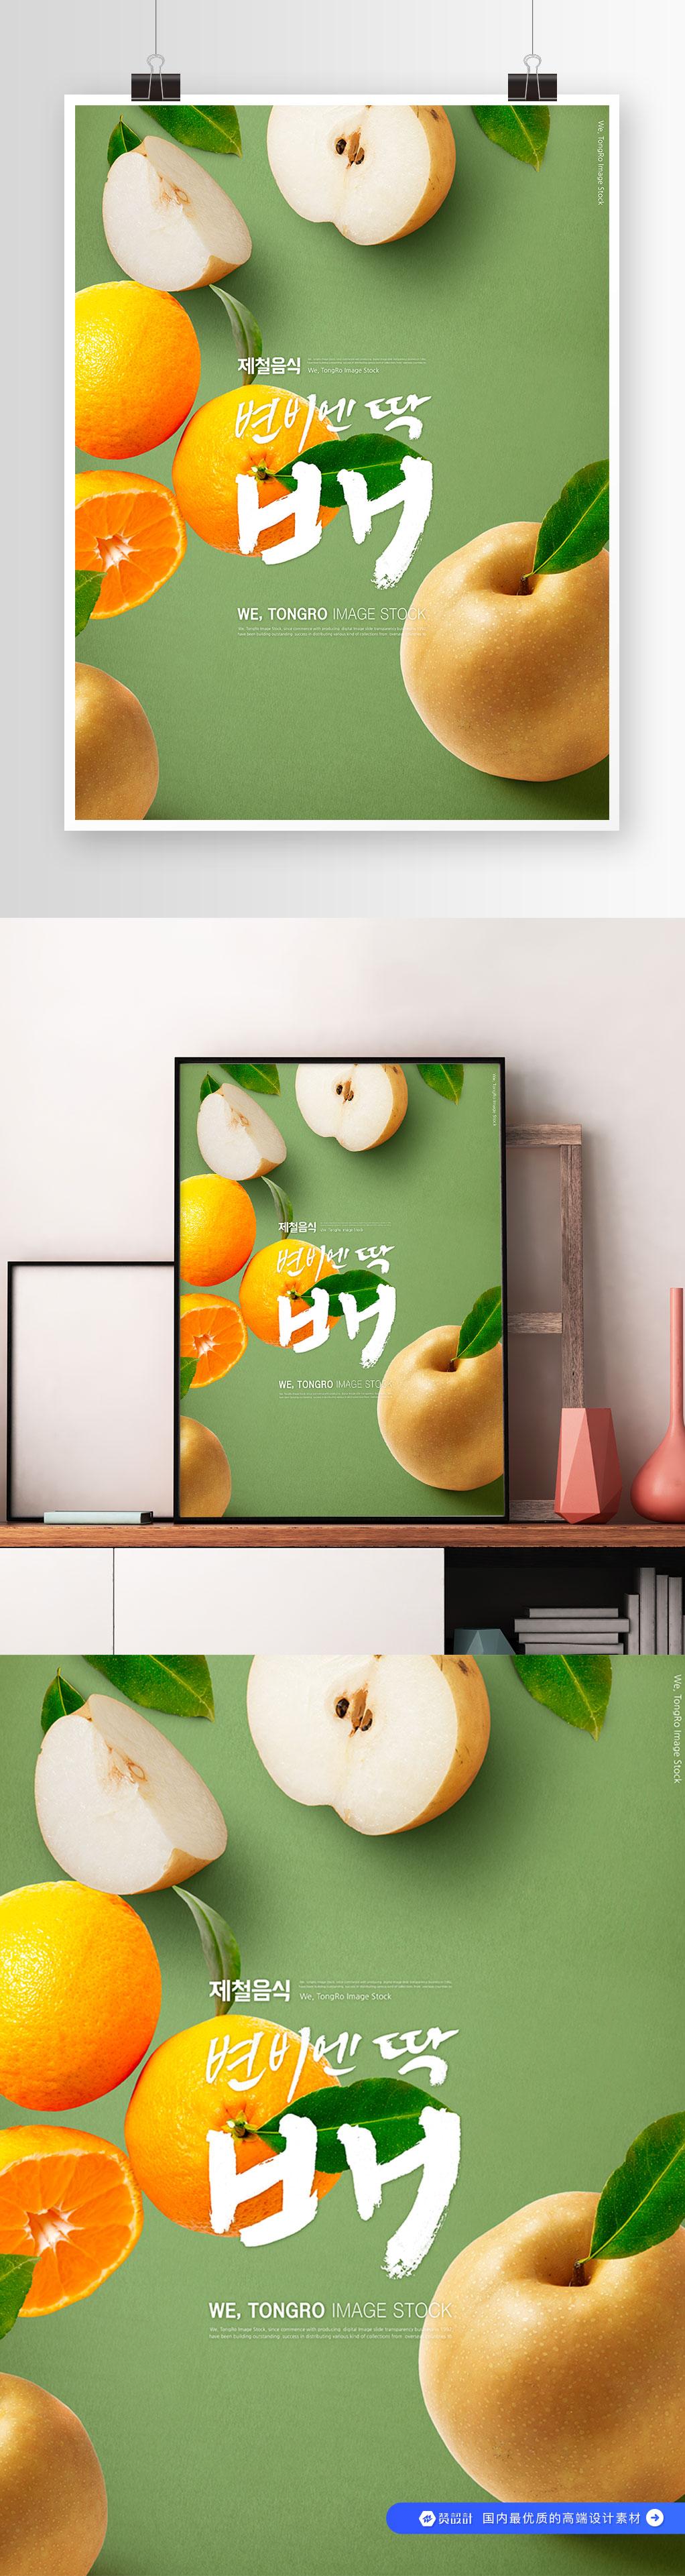 绿色水果促销海报素材